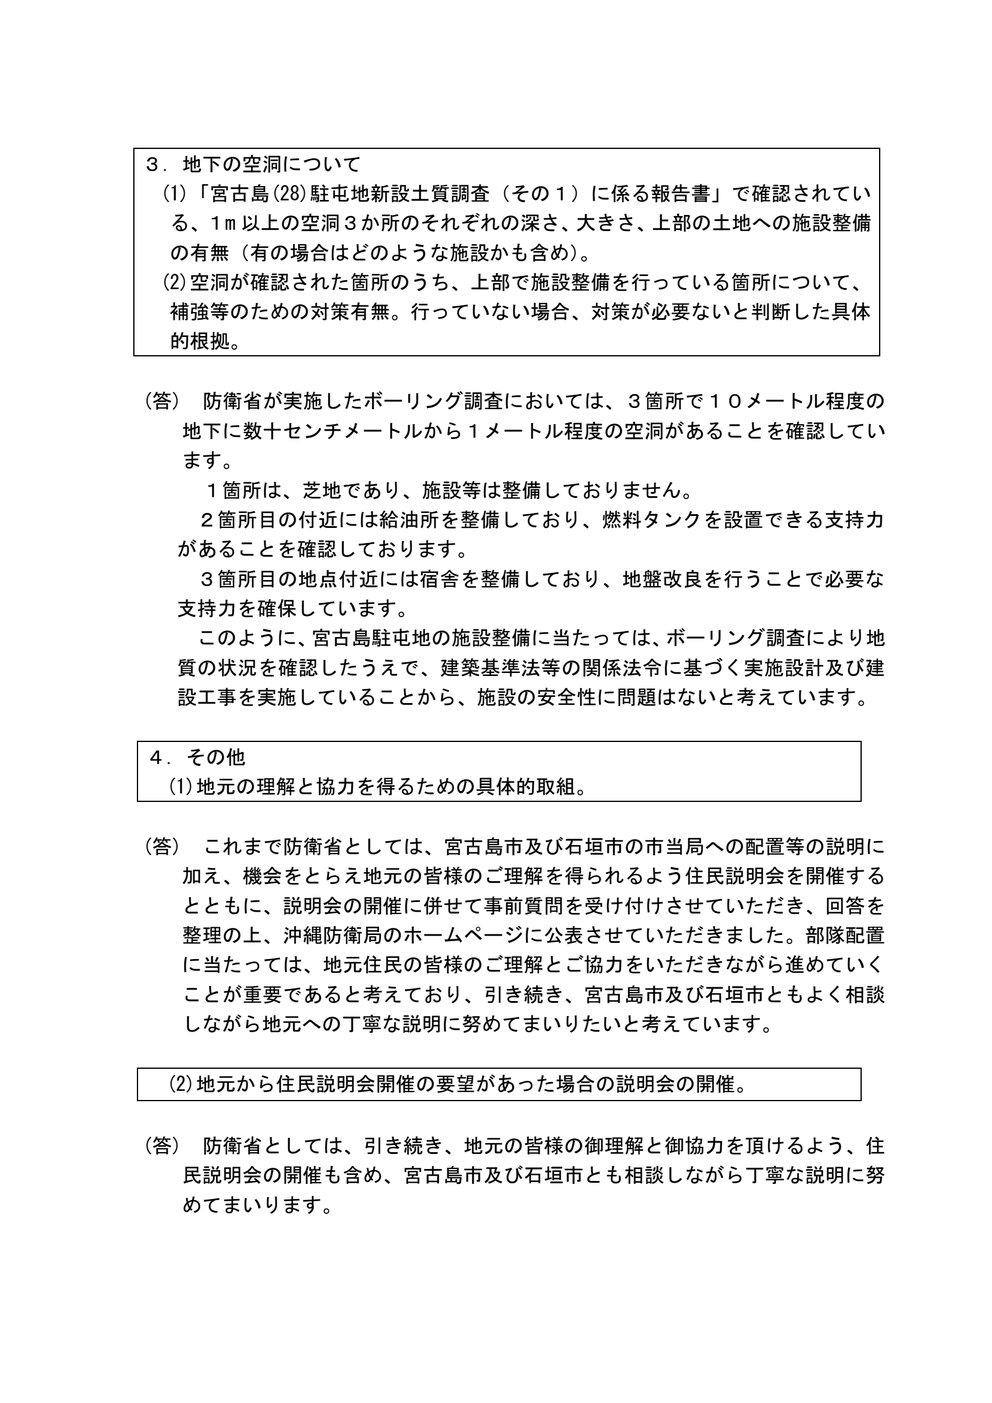 1970号 自衛隊の島しょ配備等について(回答)0006[1]